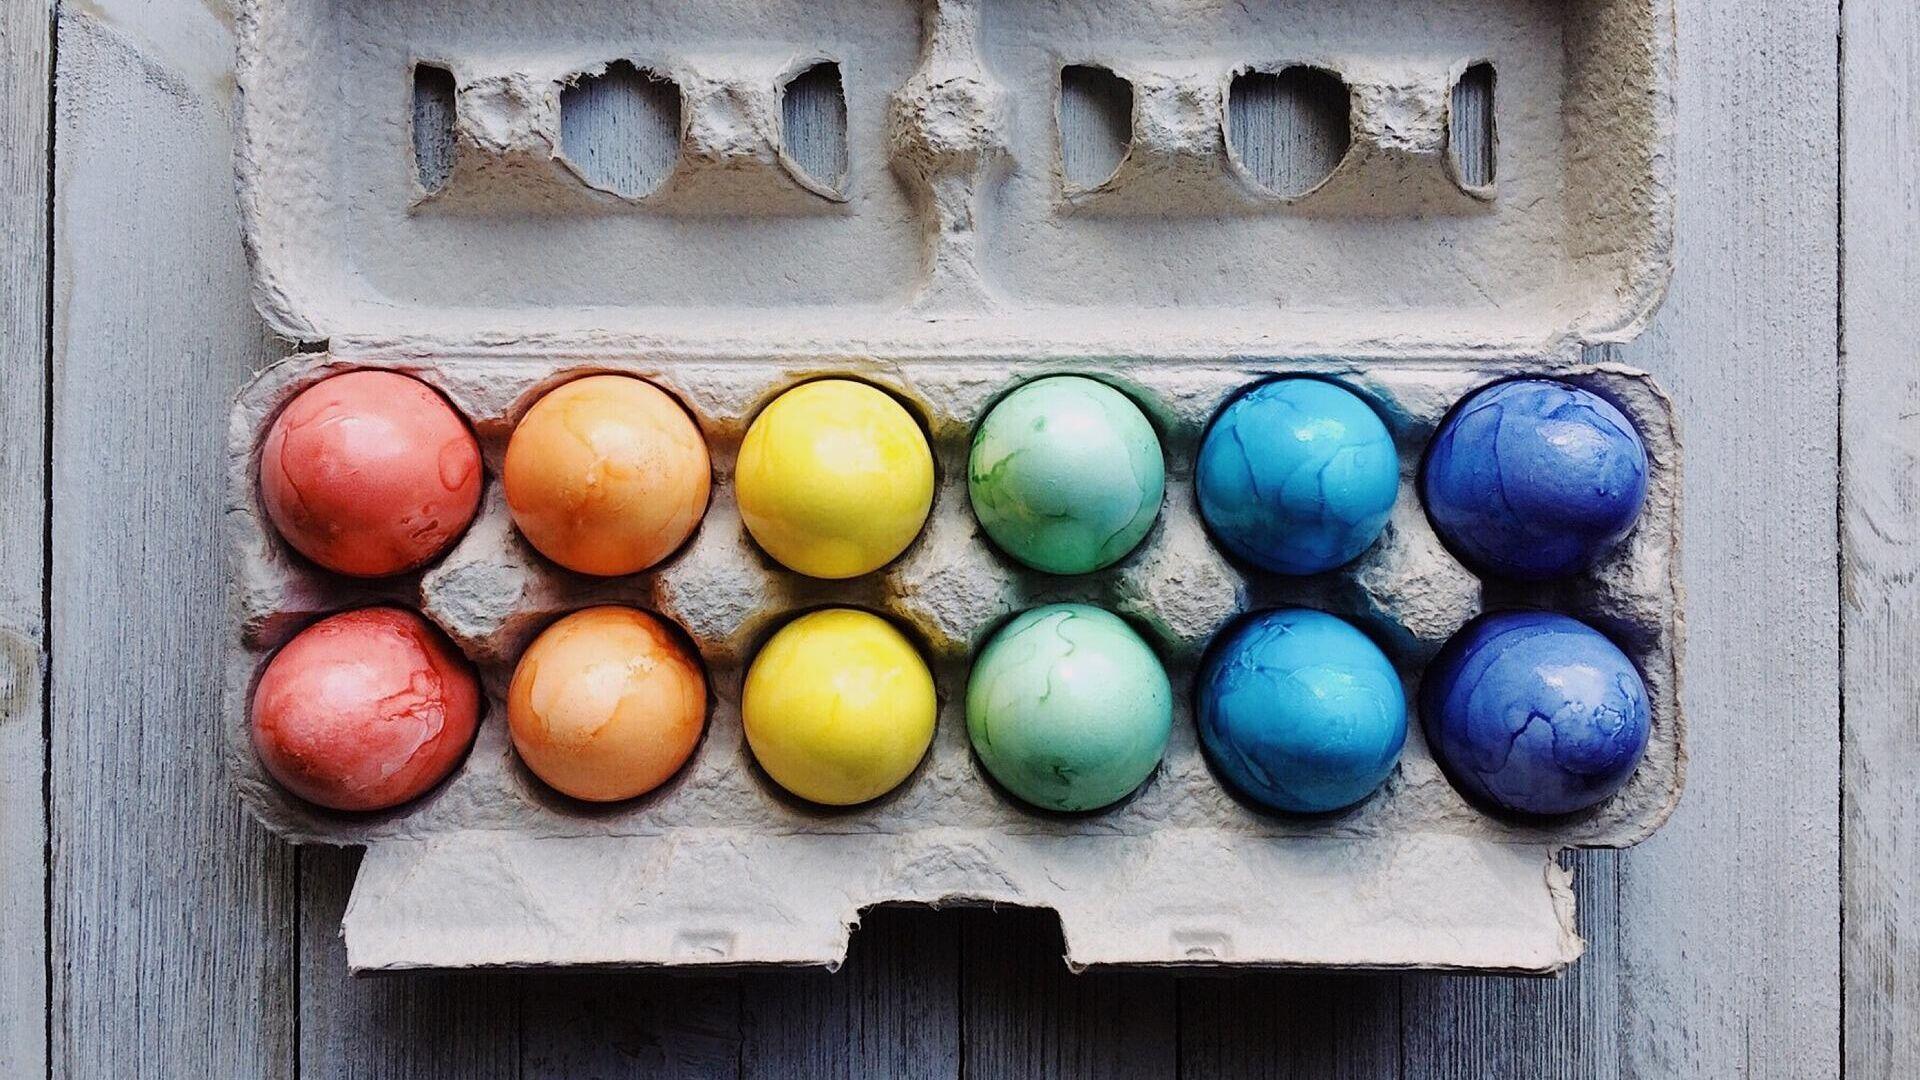 Huevos de Pascua - Sputnik Mundo, 1920, 26.04.2021